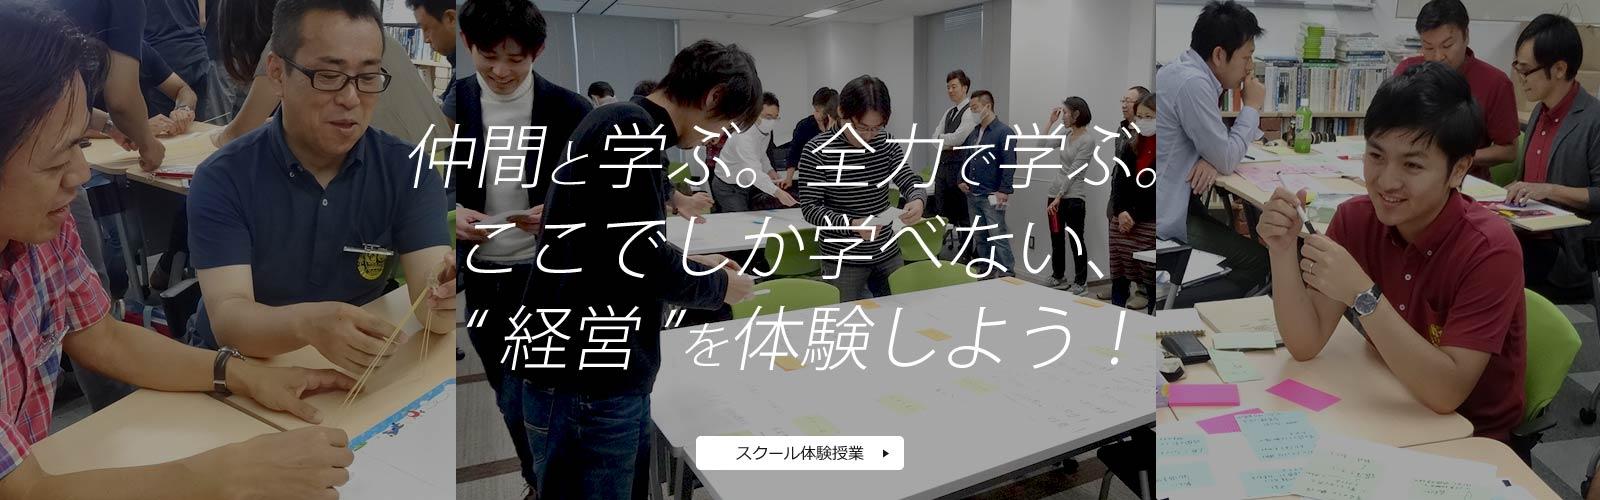 エフアンドエムビジネススクール東京